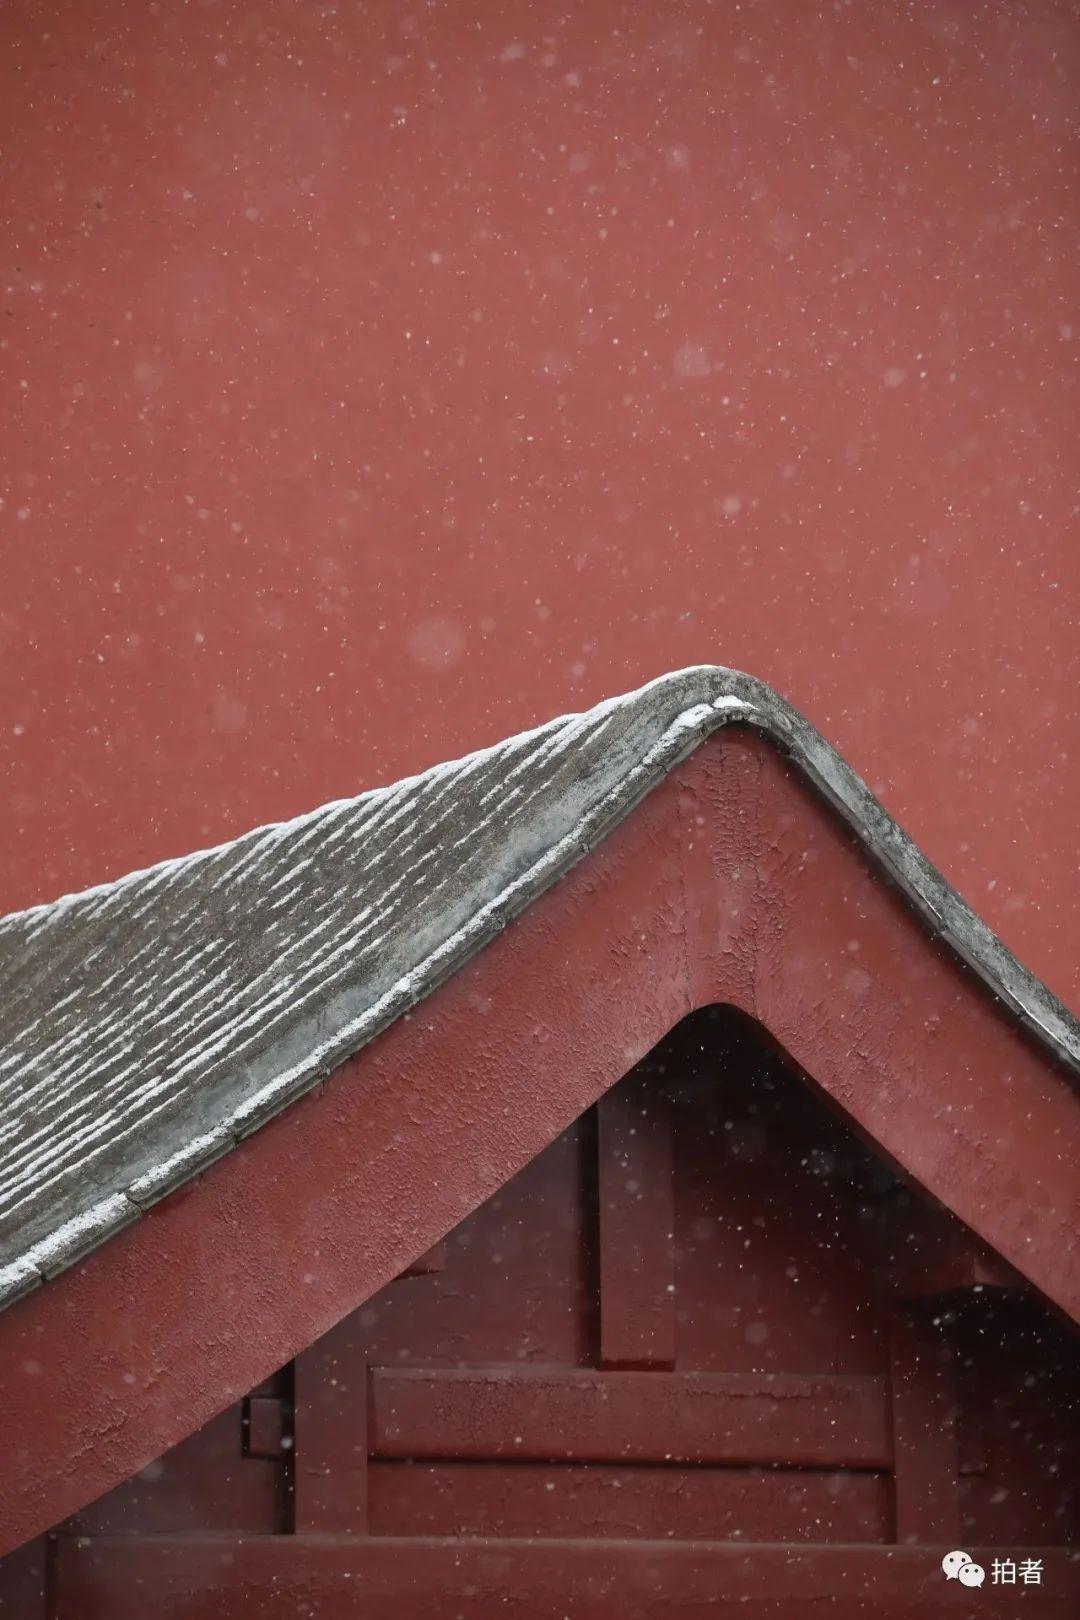 雪一来,北京这些地方就更有味道了 最新热点 第7张